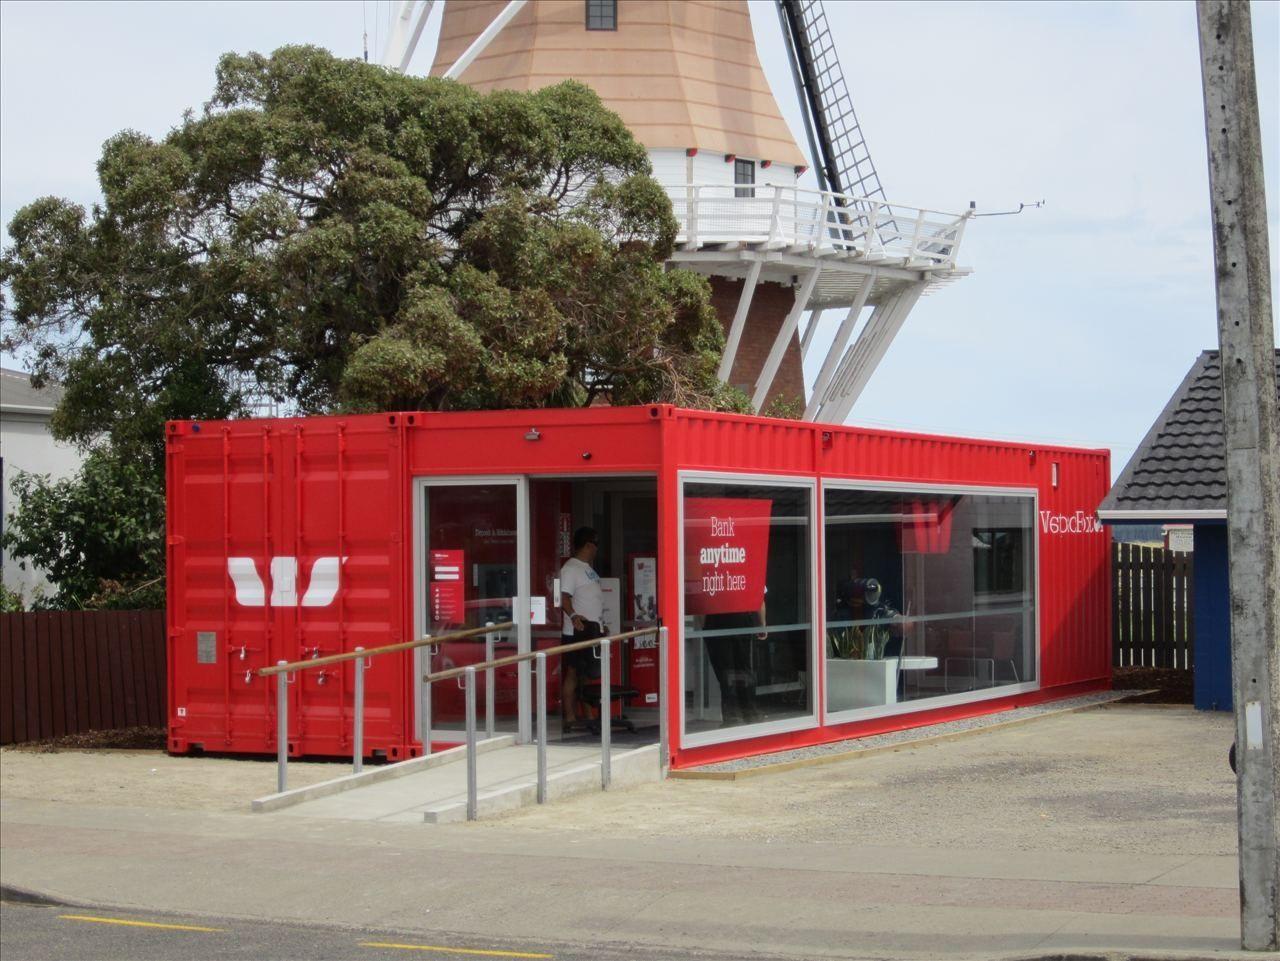 Ufficio A Container : Container commerciale per ufficio westpac mobile bank branch